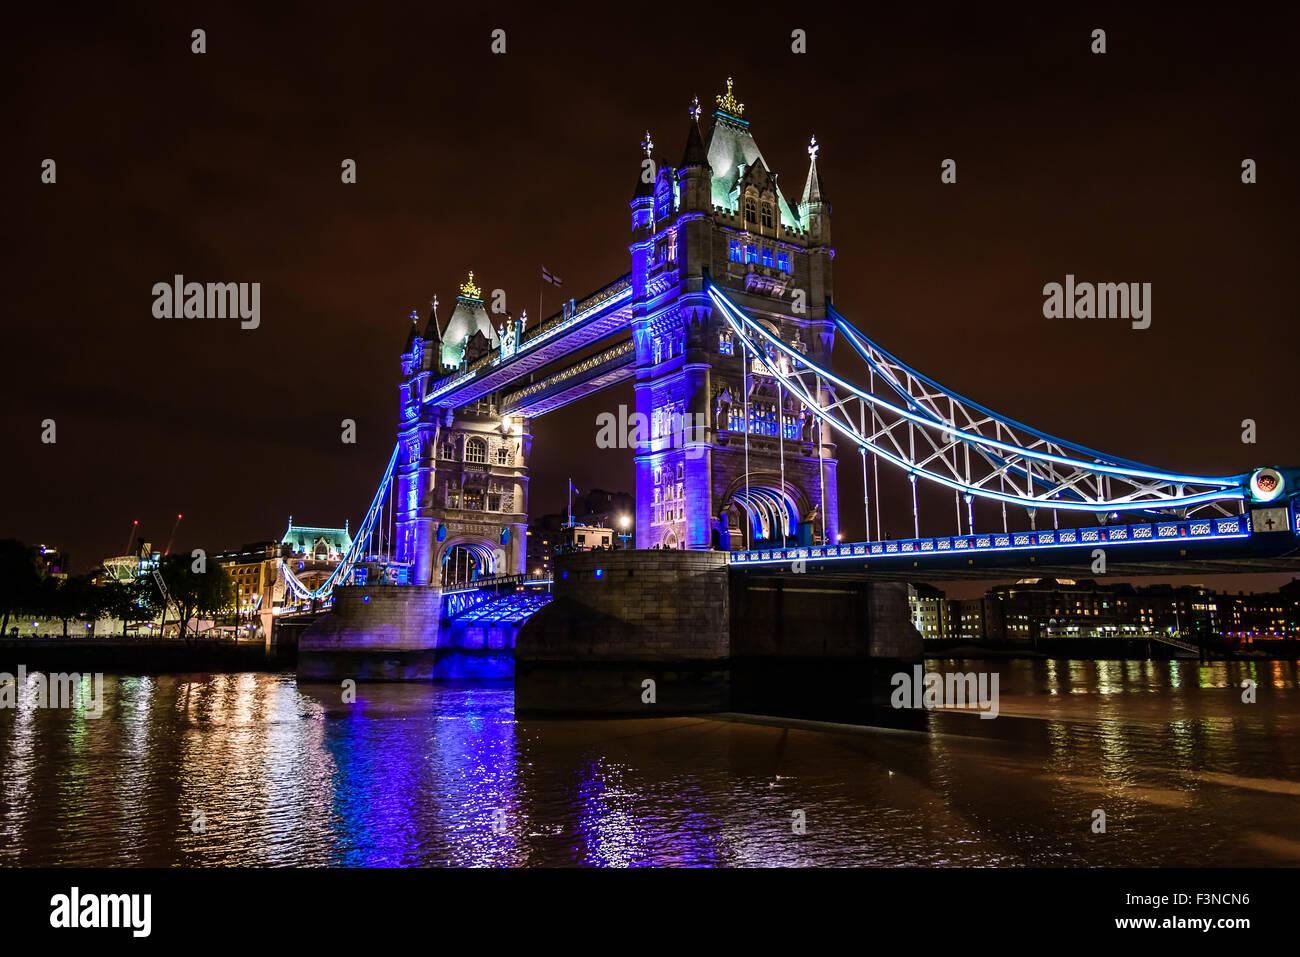 Vue sur le Tower Bridge sur la Tamise de nuit, Londres, Royaume-Uni, Angleterre Photo Stock